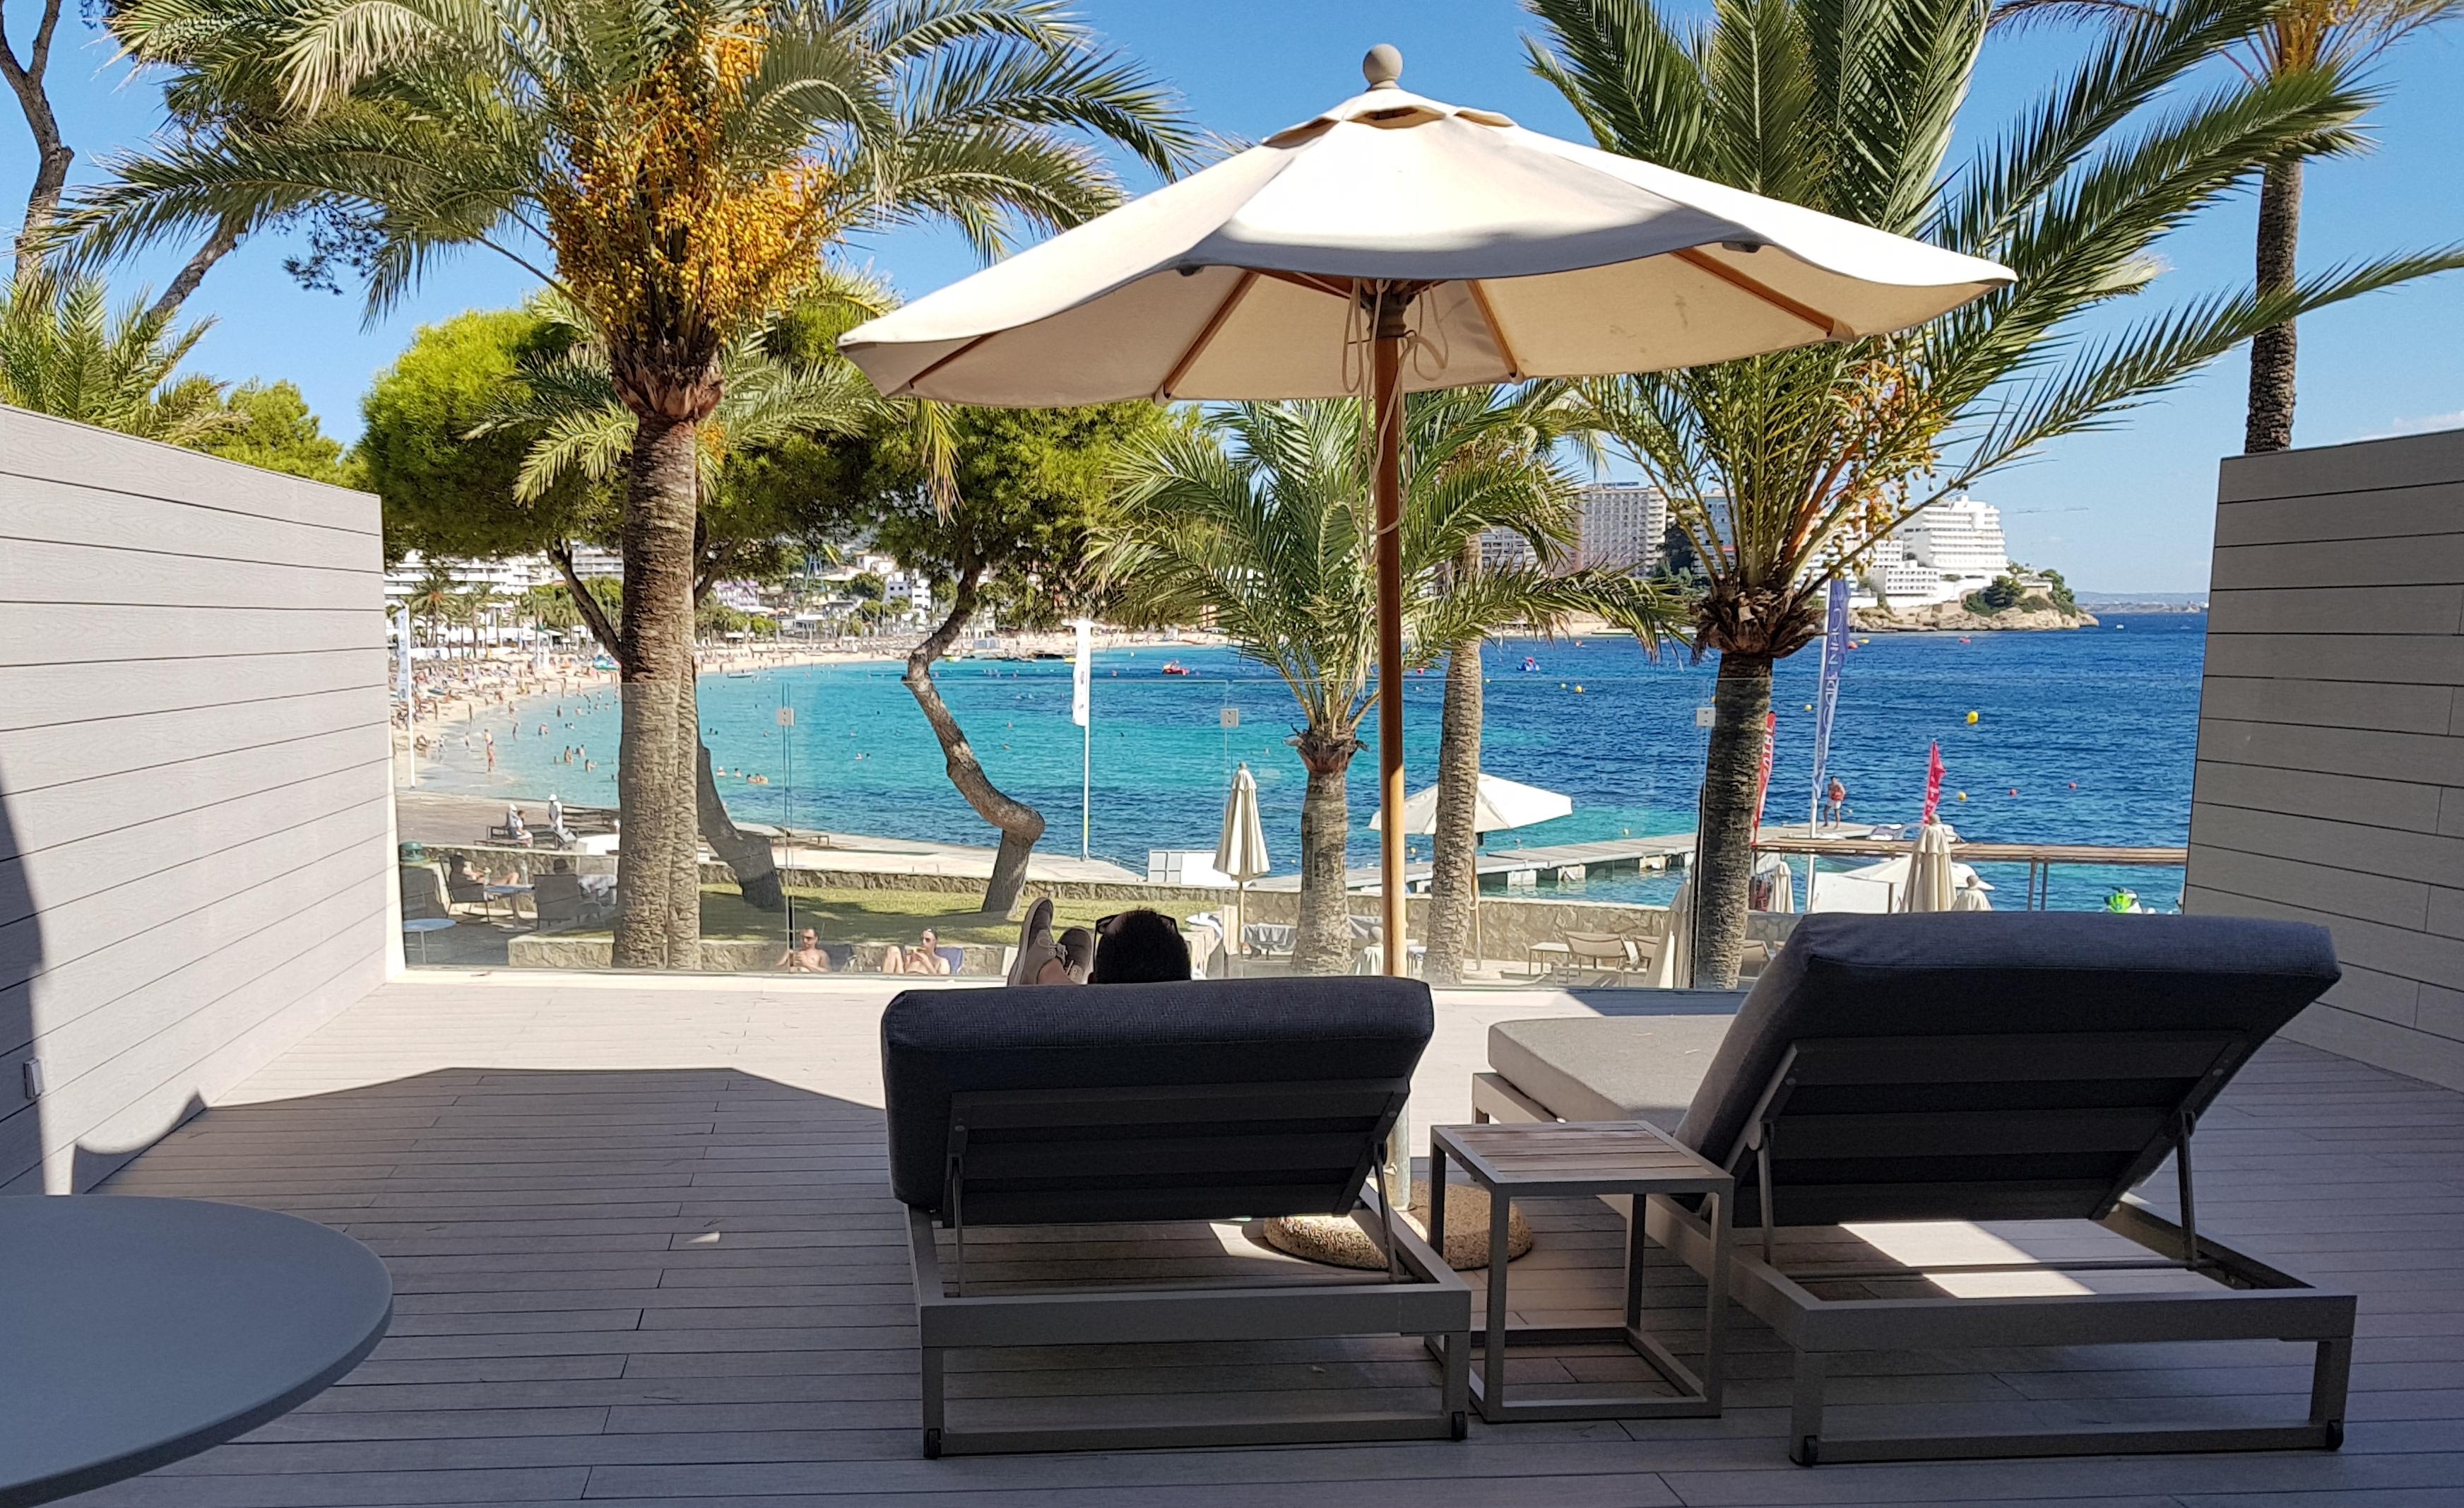 Hotel Meliá Calvia Beach (foto de viajealsol.com)